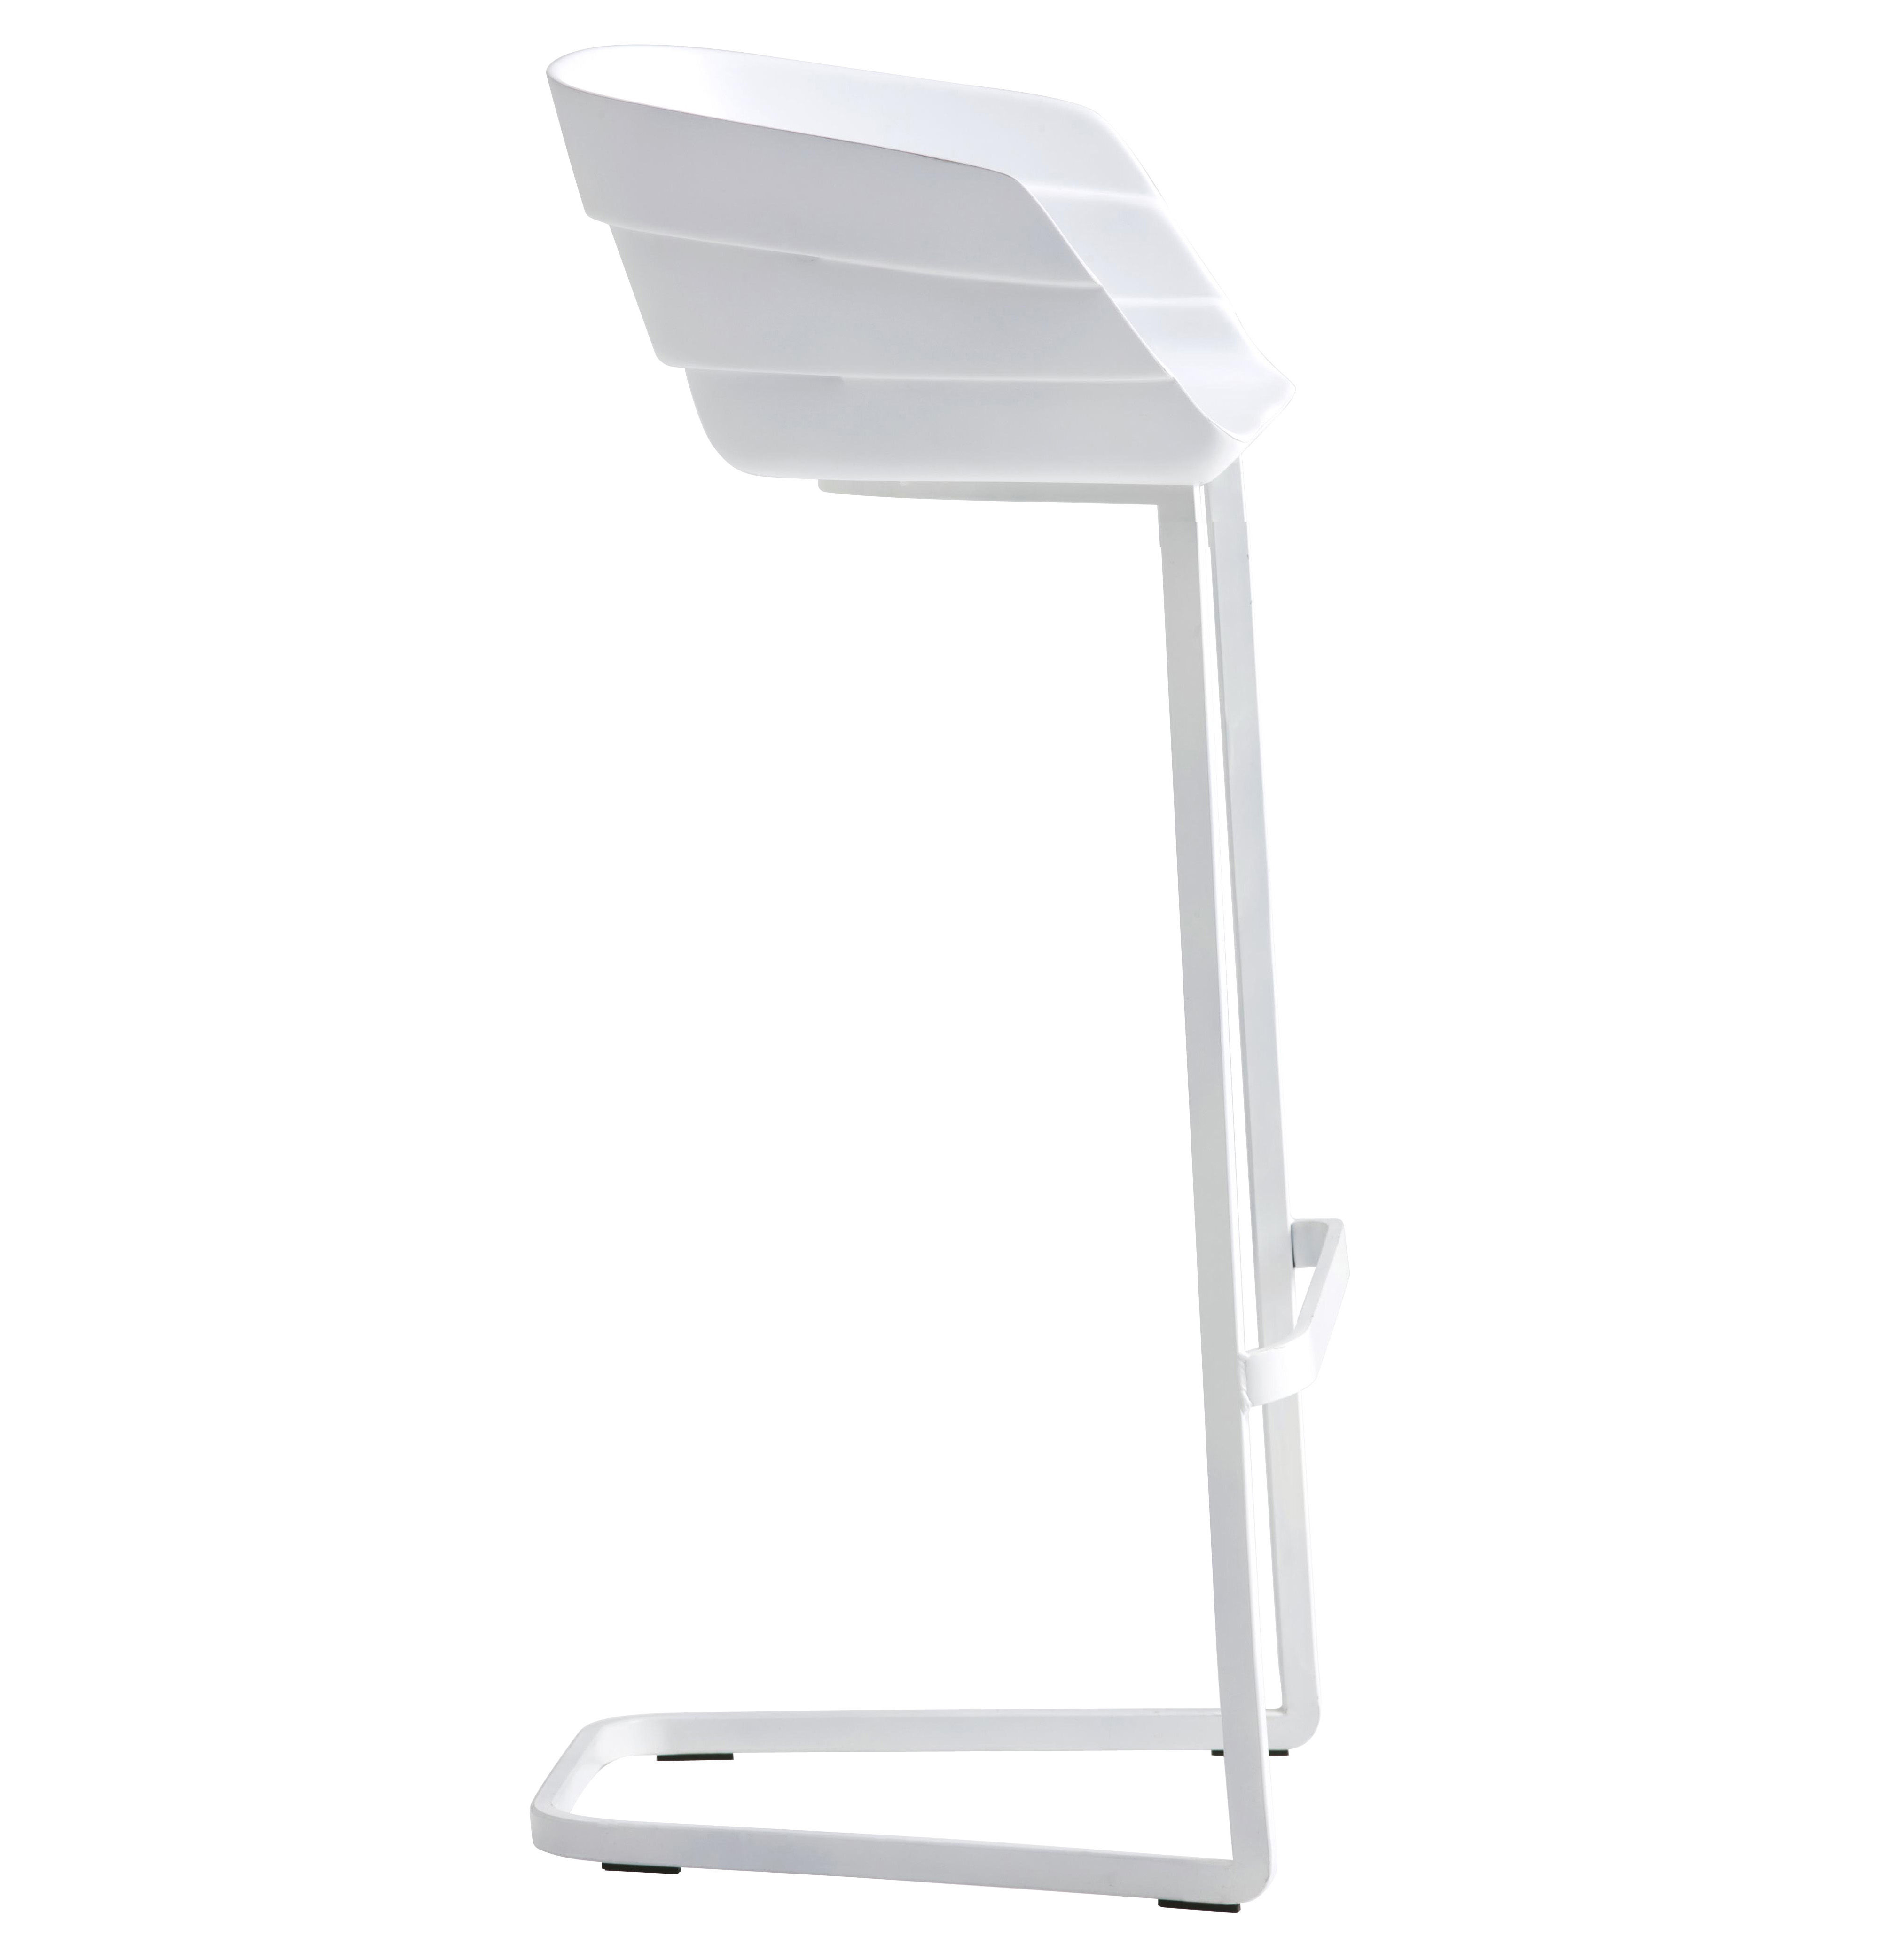 Möbel - Barhocker - Rift Hochstuhl H 77 cm - Freischwinger - Moroso - Weiß - Gestell weiß - gefirnister Stahl, Polyurhethan